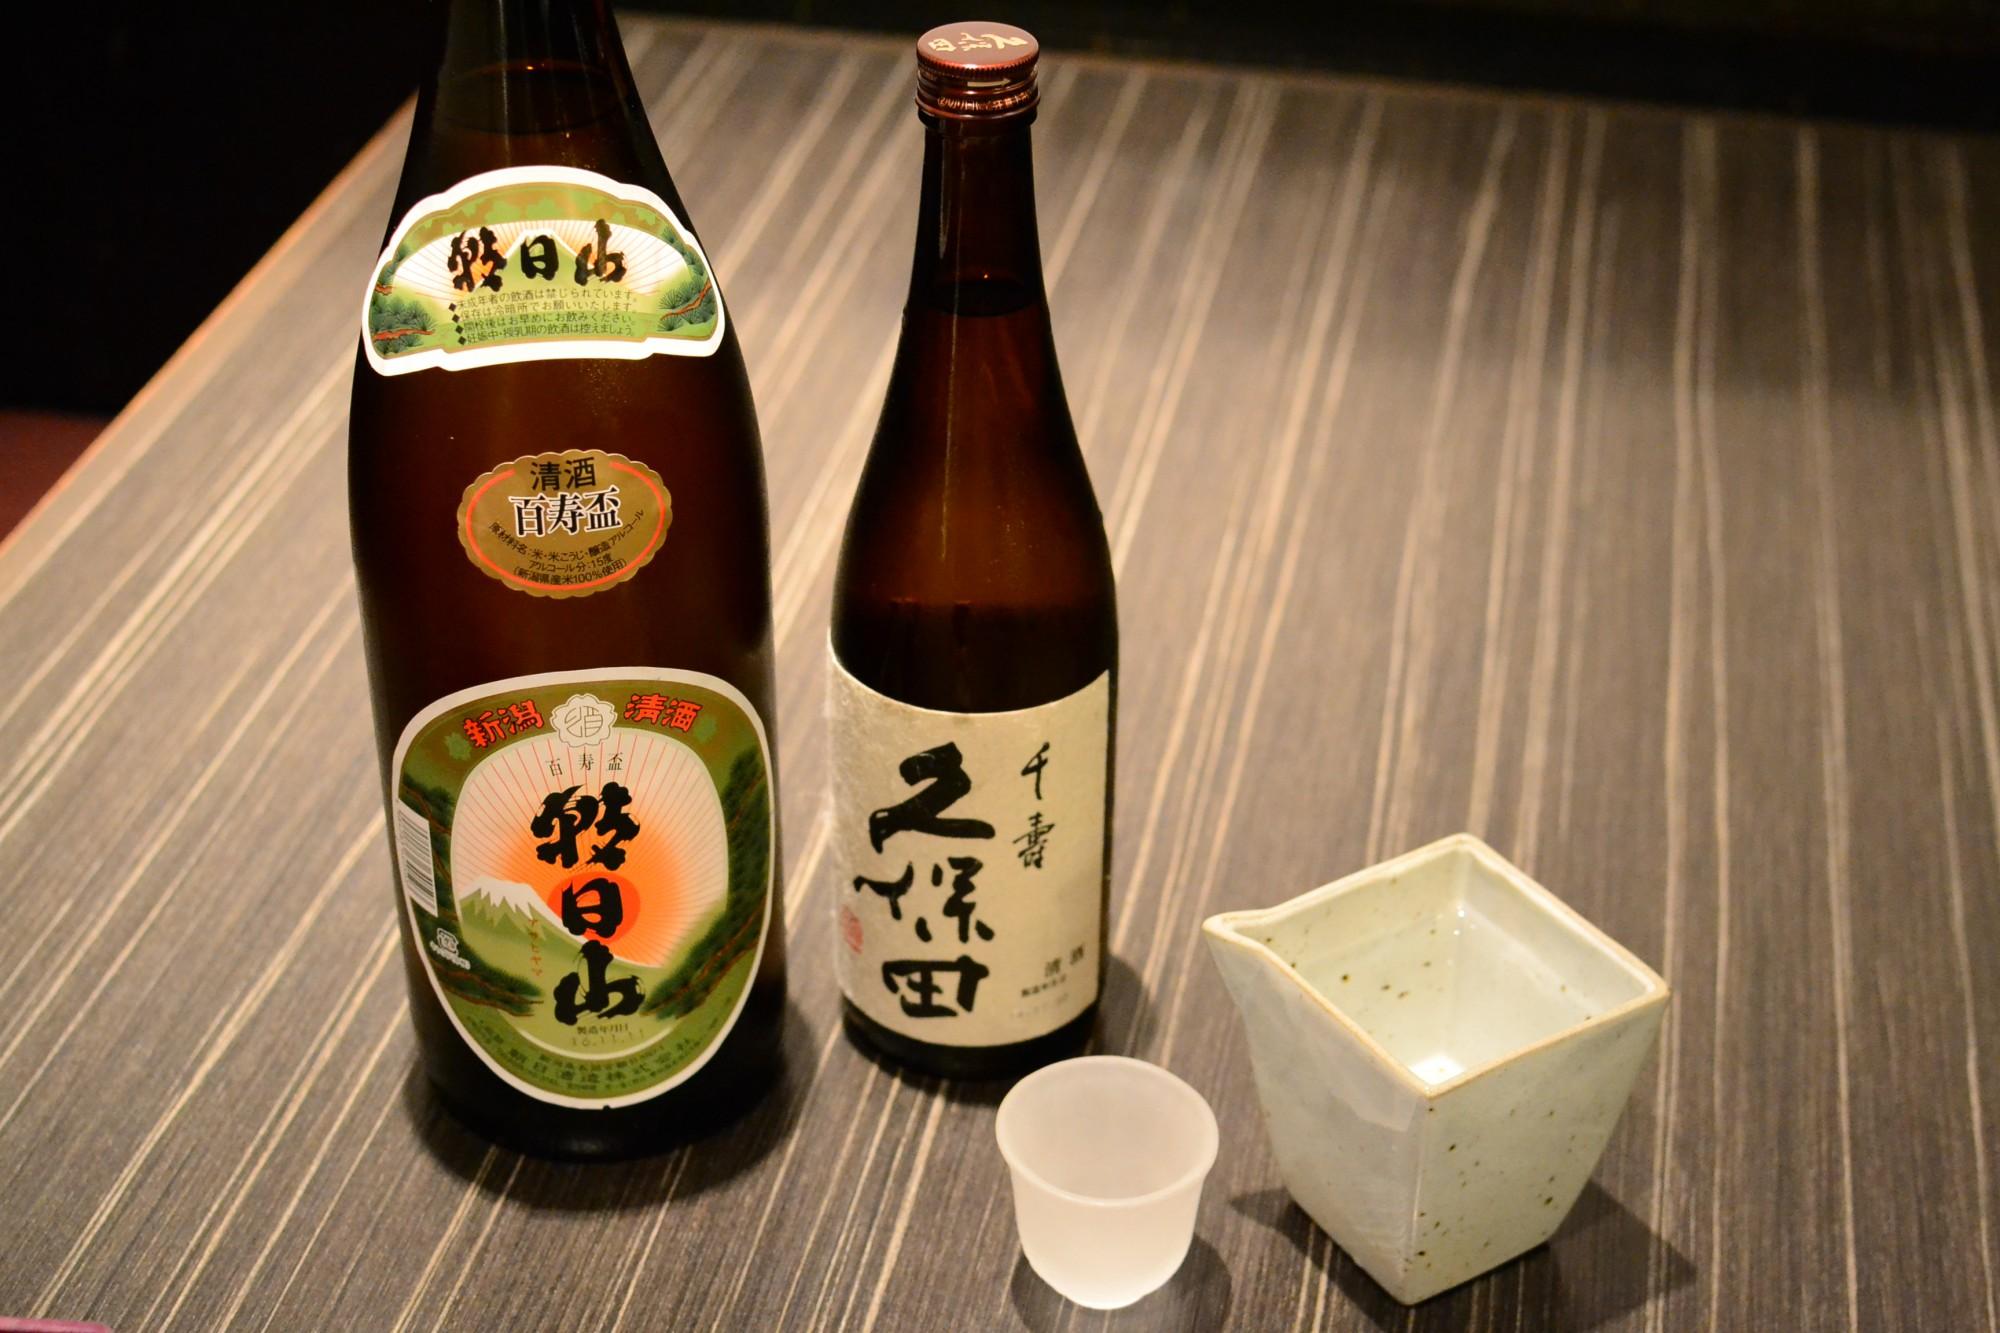 朝日山酒造でも定番の日本酒。